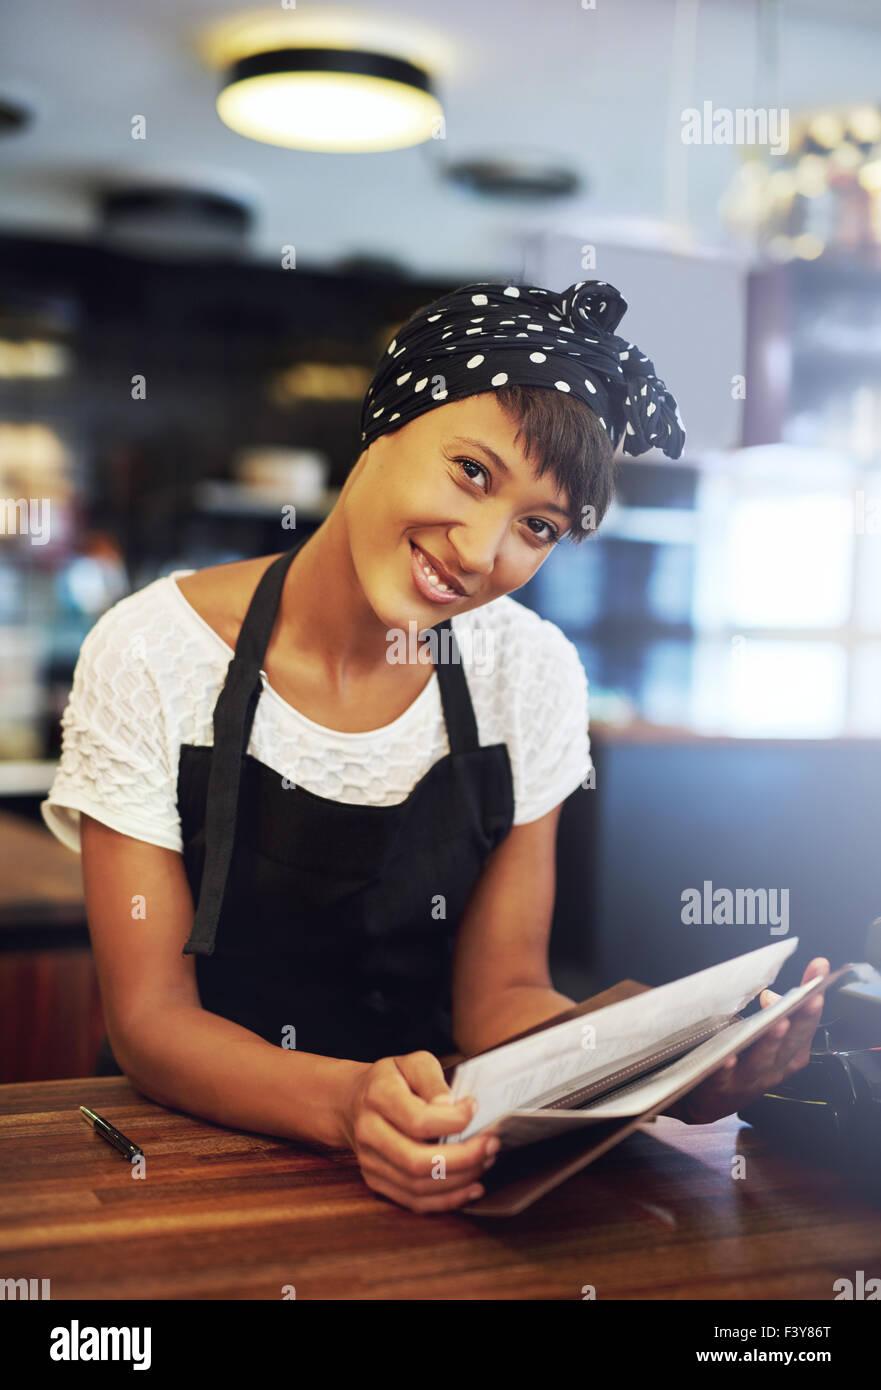 Smiling young coffee house propriétaire debout derrière le comptoir dans un tablier, se penchant en avant Photo Stock